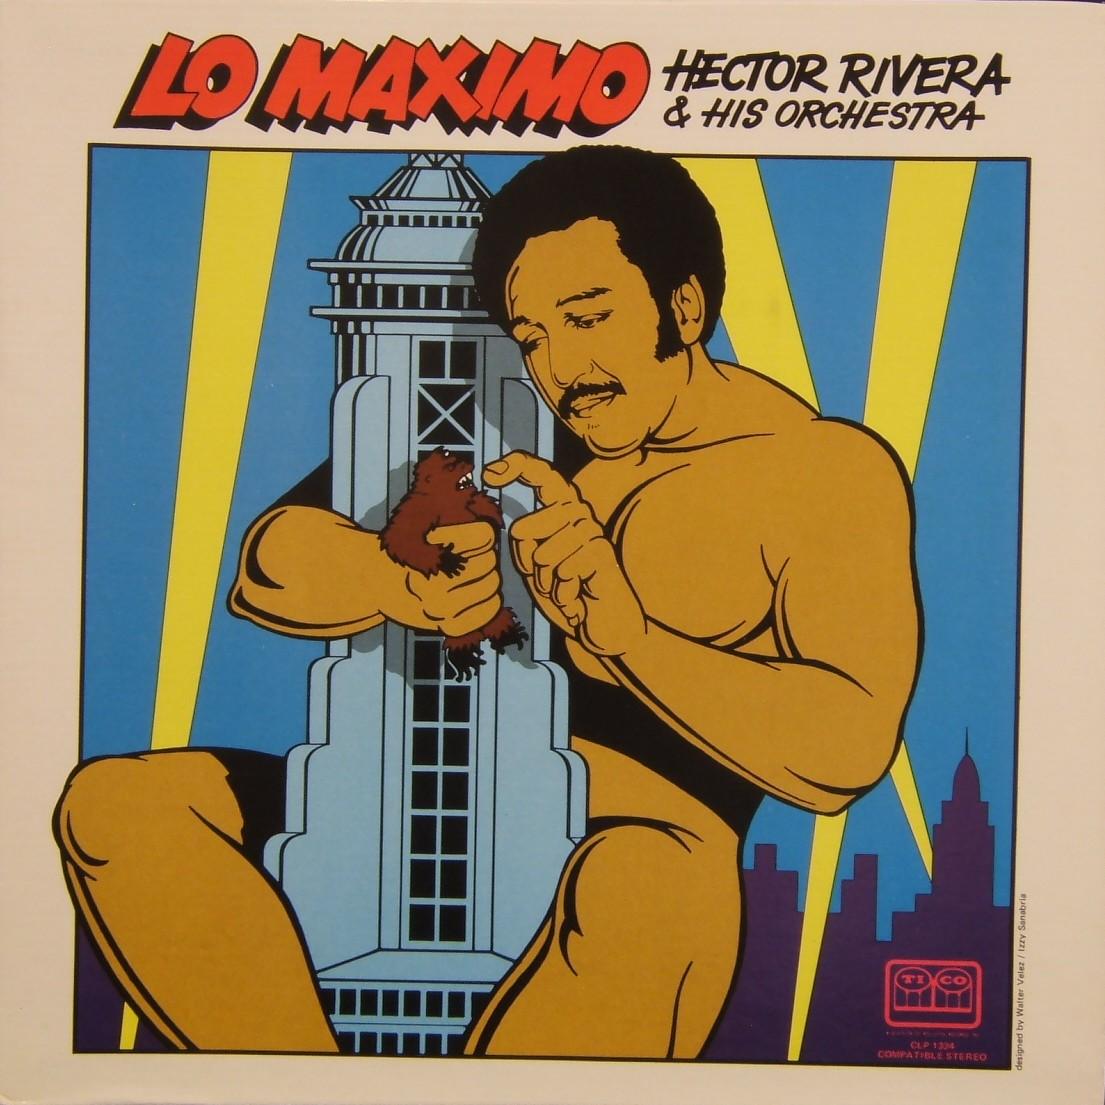 Hector Rivera-x Lo Maximo